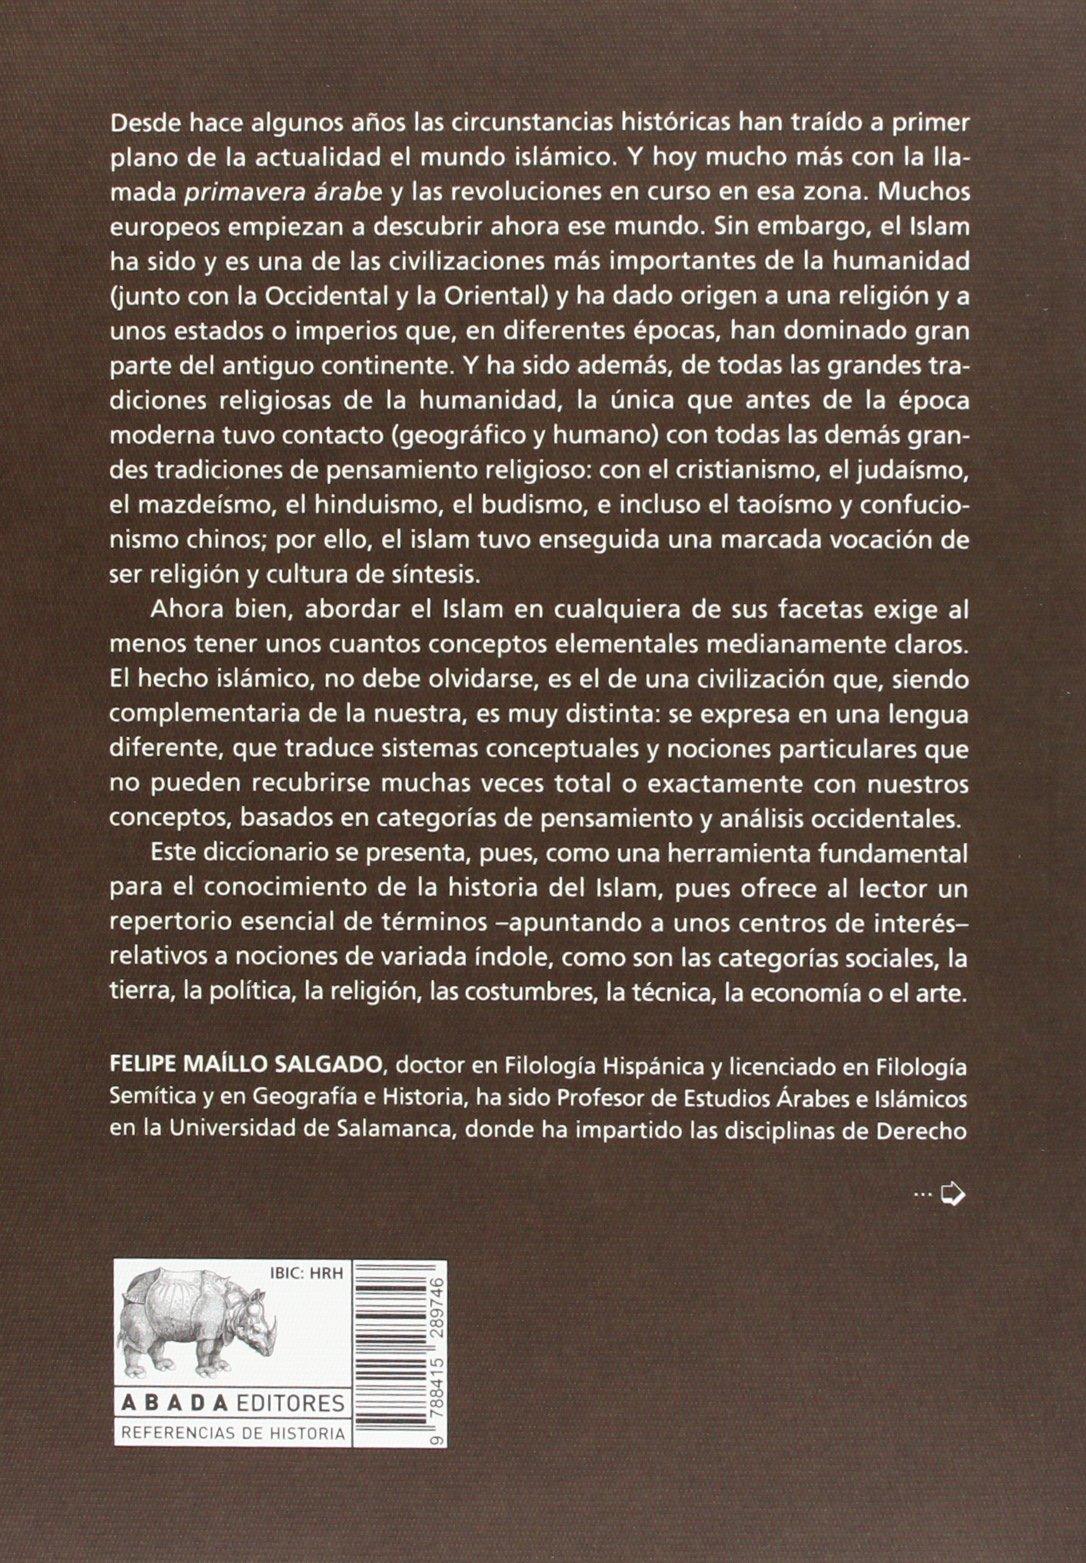 Diccionario De Historia Árabe & Islámica Referencias de historia: Amazon.es: Maíllo Salgado, Felipe: Libros